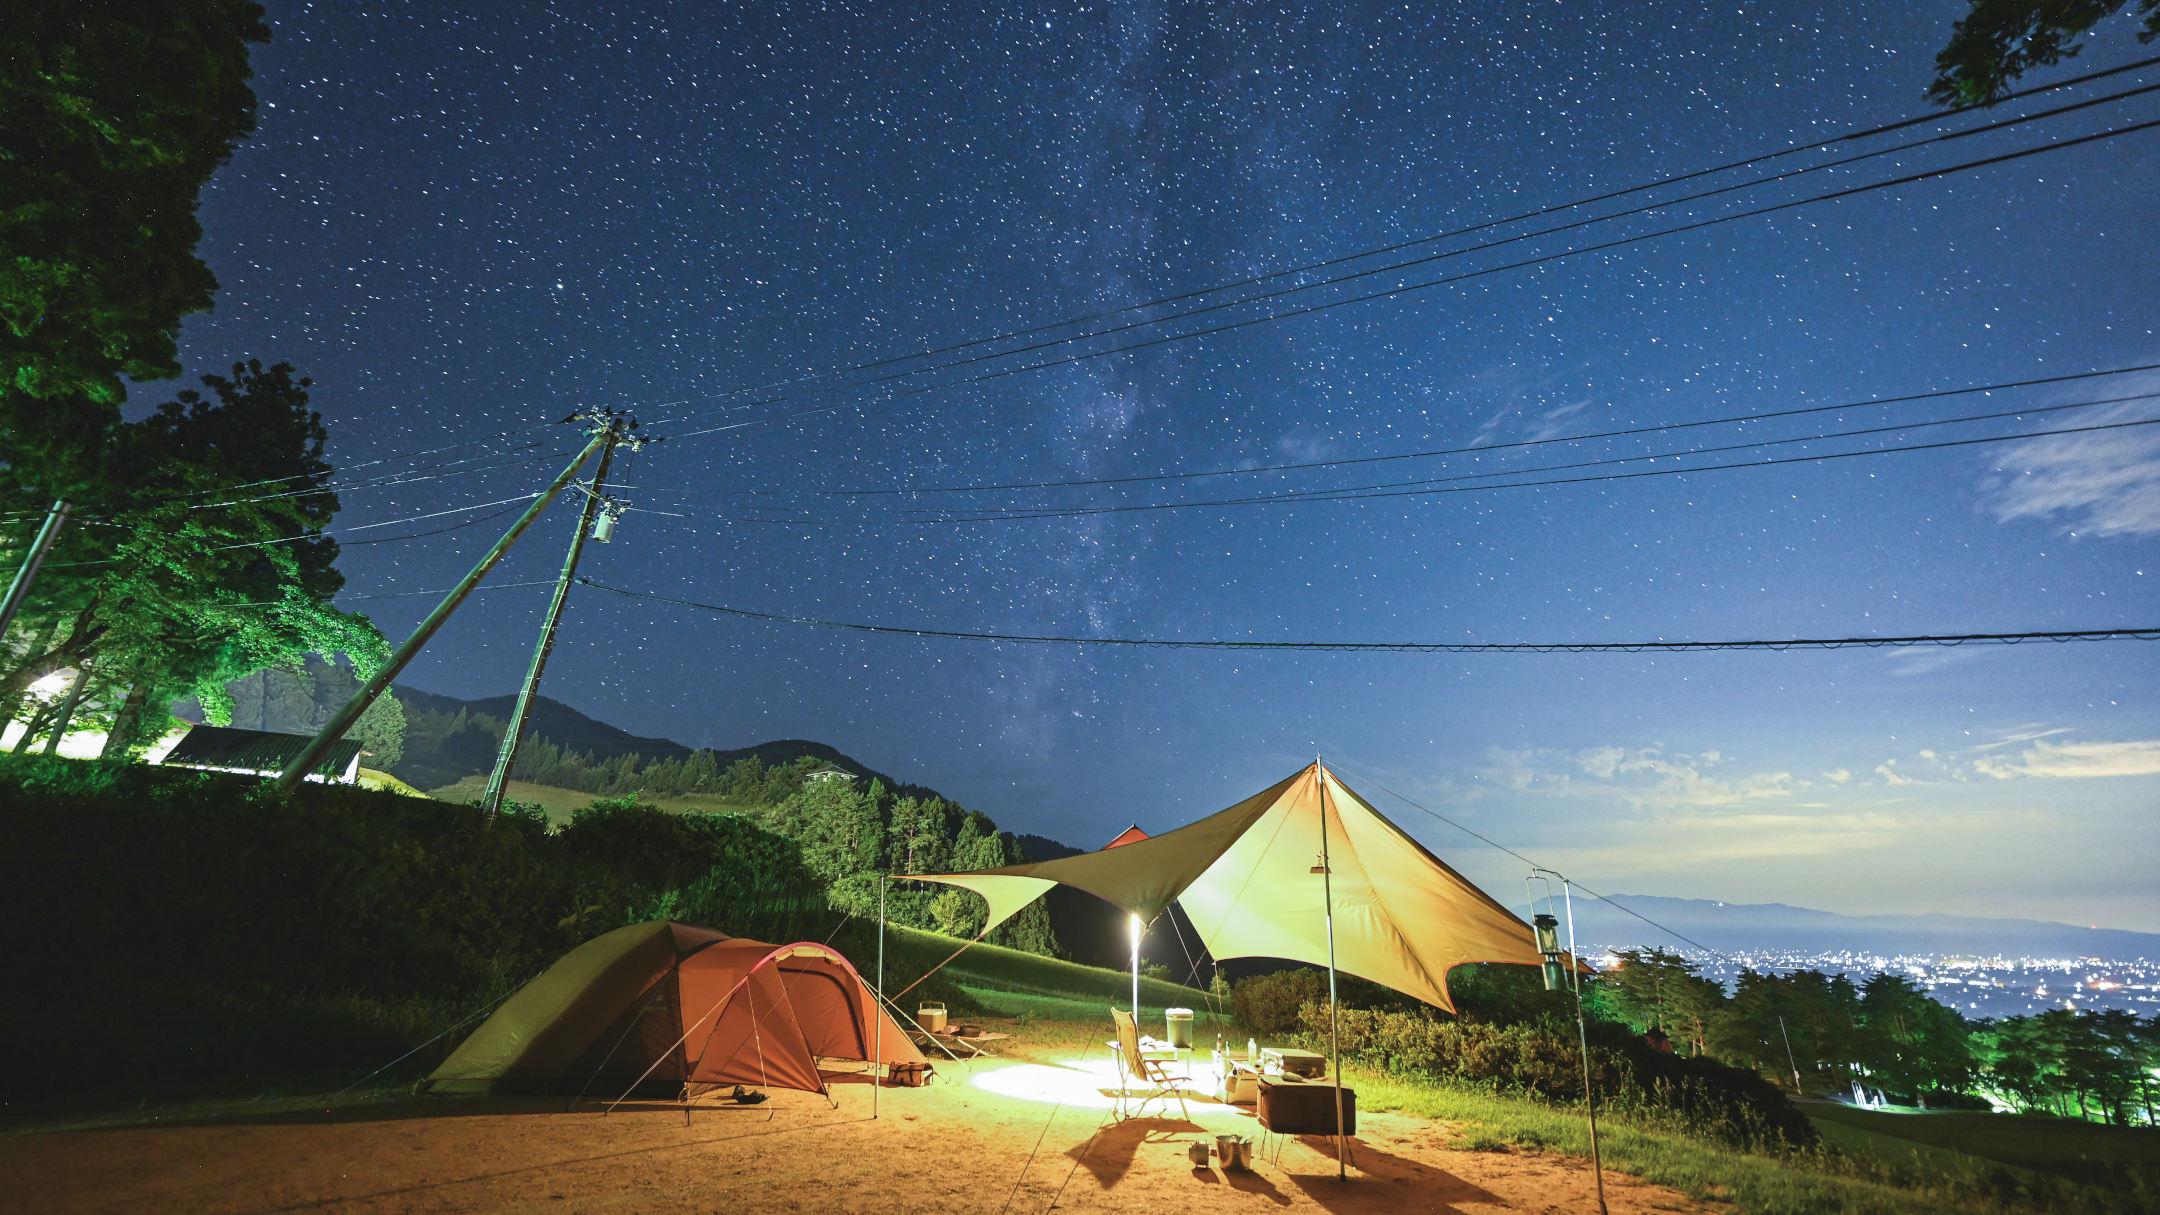 【キャンプ旅】地元を撮り続ける写真家がキャンプで出会う新たな絶景と魅力